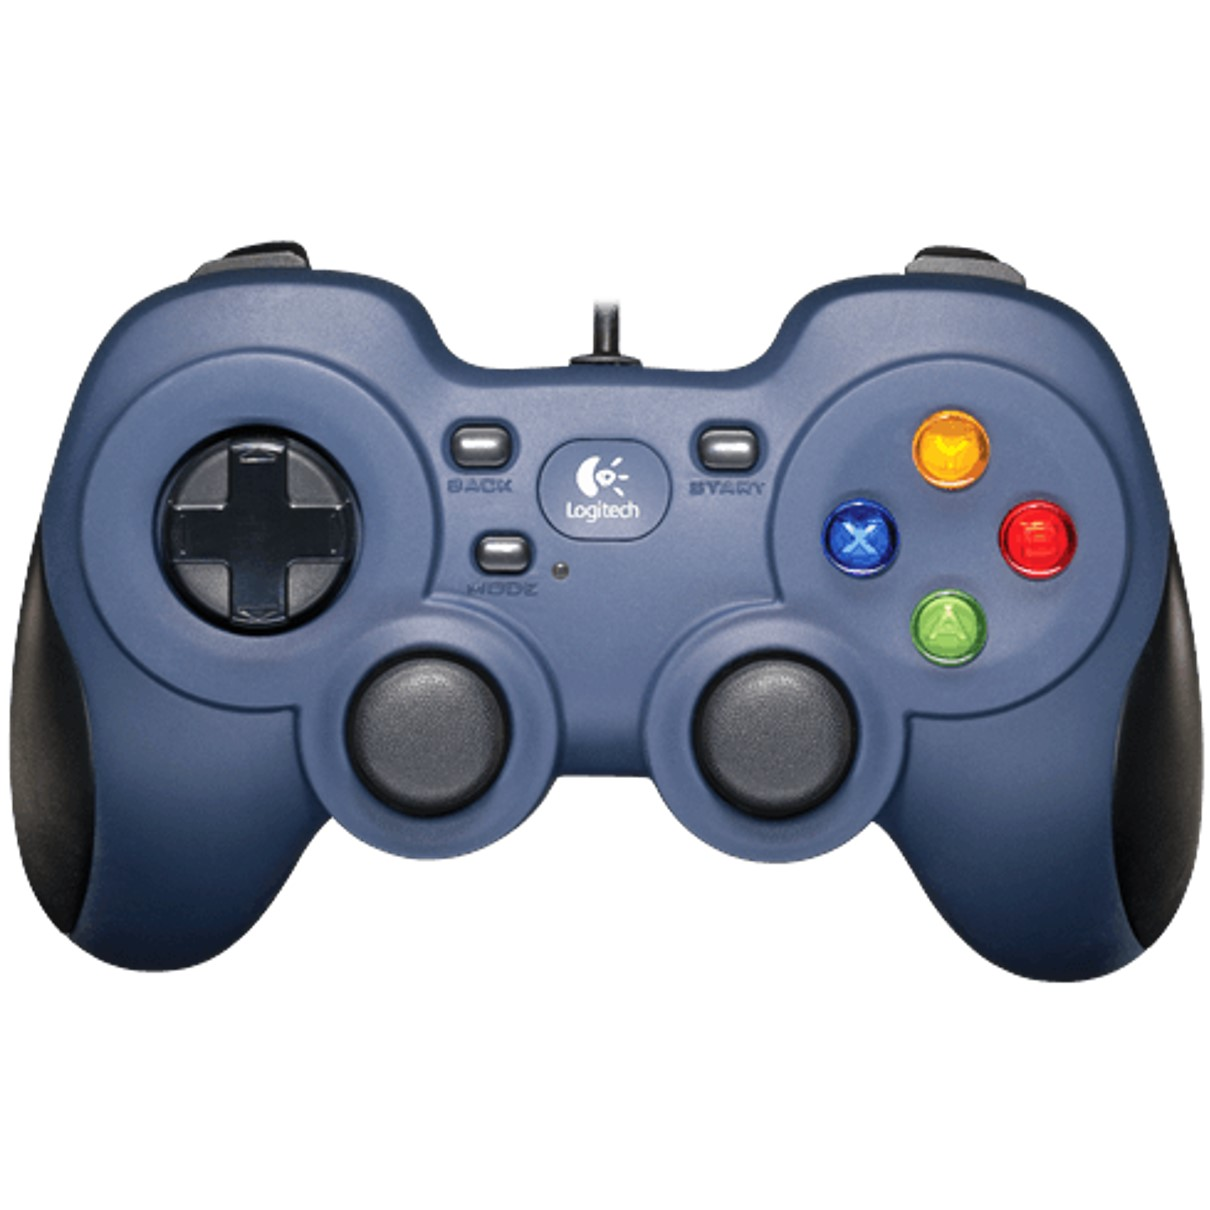 Logitech Gamepad F310 - mando de videojuegos - cableado